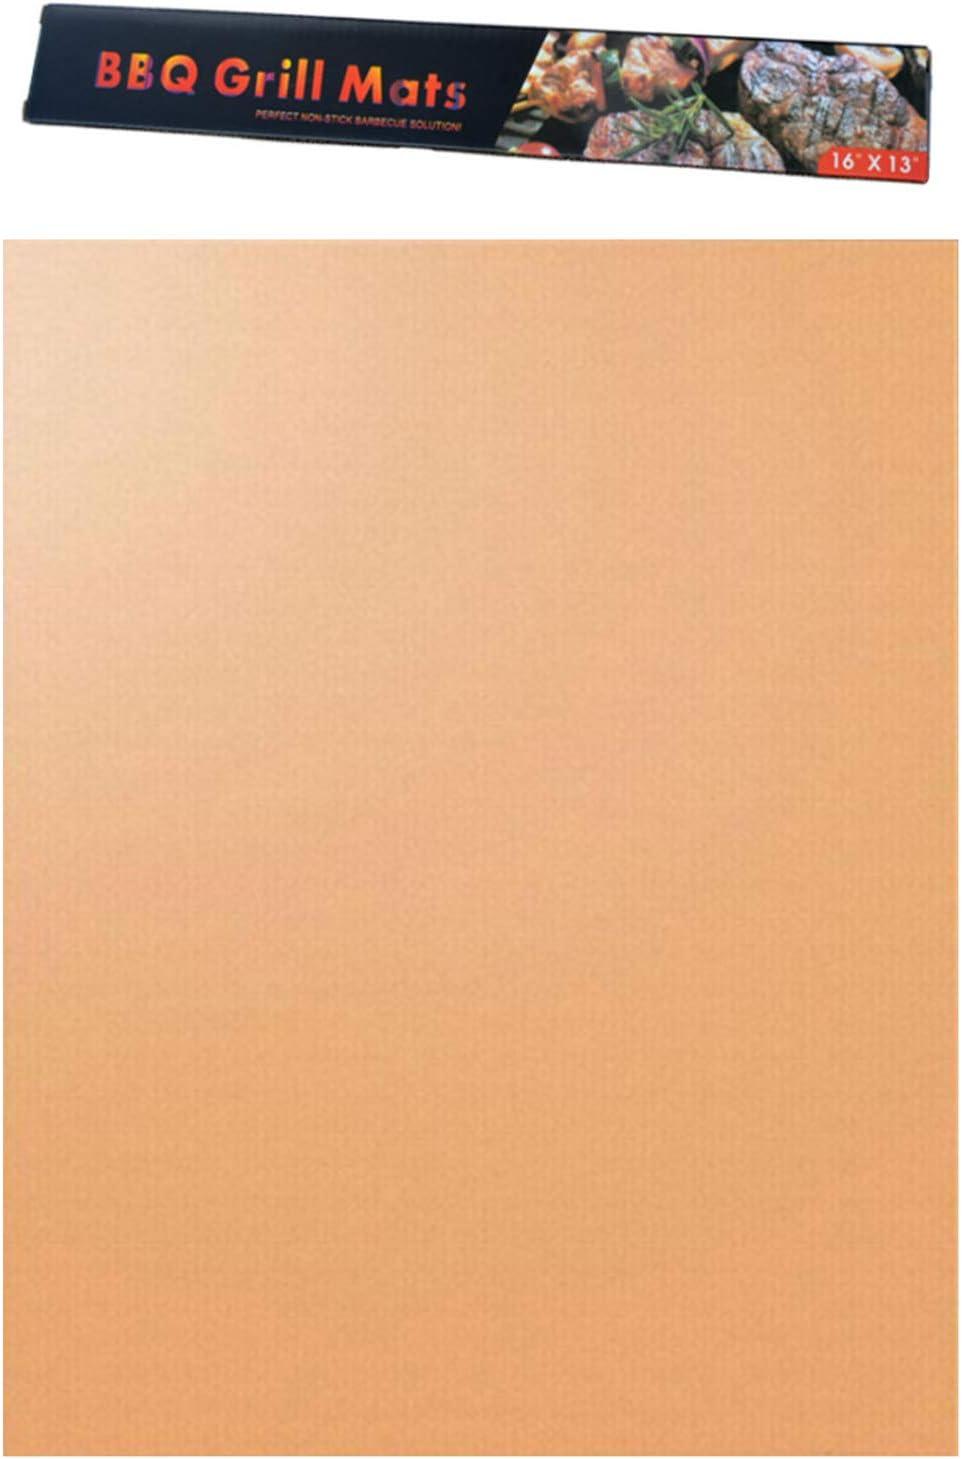 40 Gold 33 40 H-barbycue Wiederverwenbare BBQ Grillmatte 33